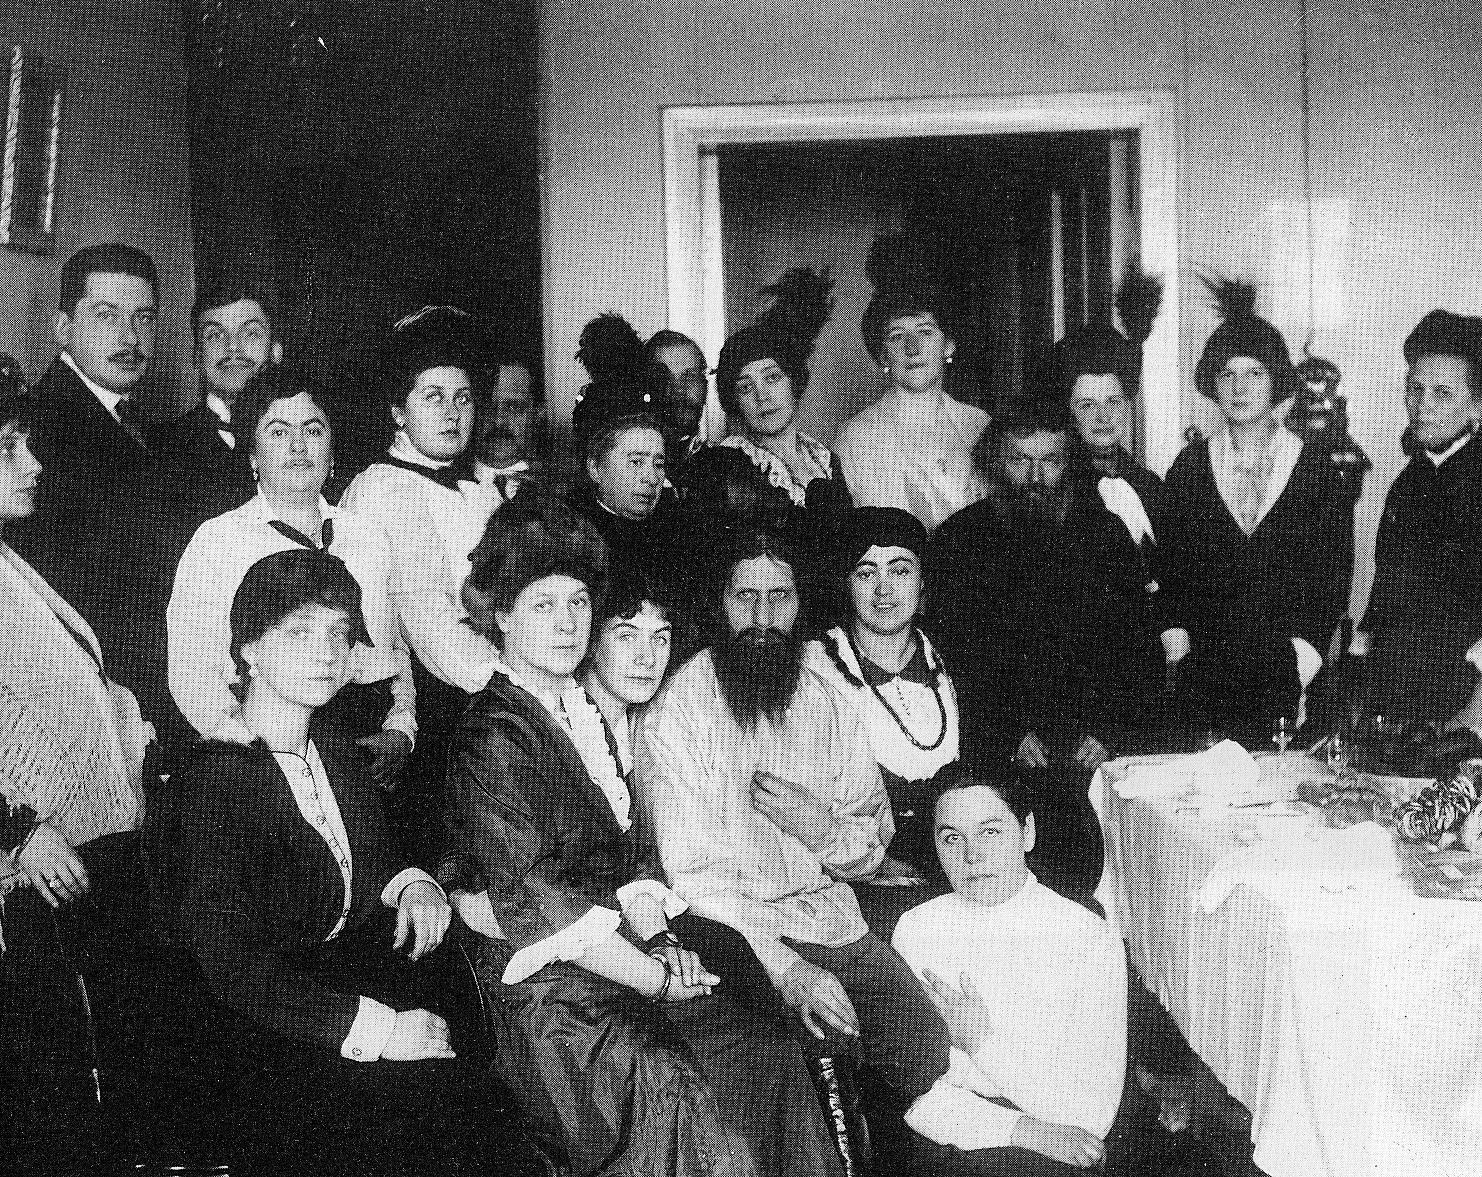 30 самых известных любовников в истории: список - Woman's Day